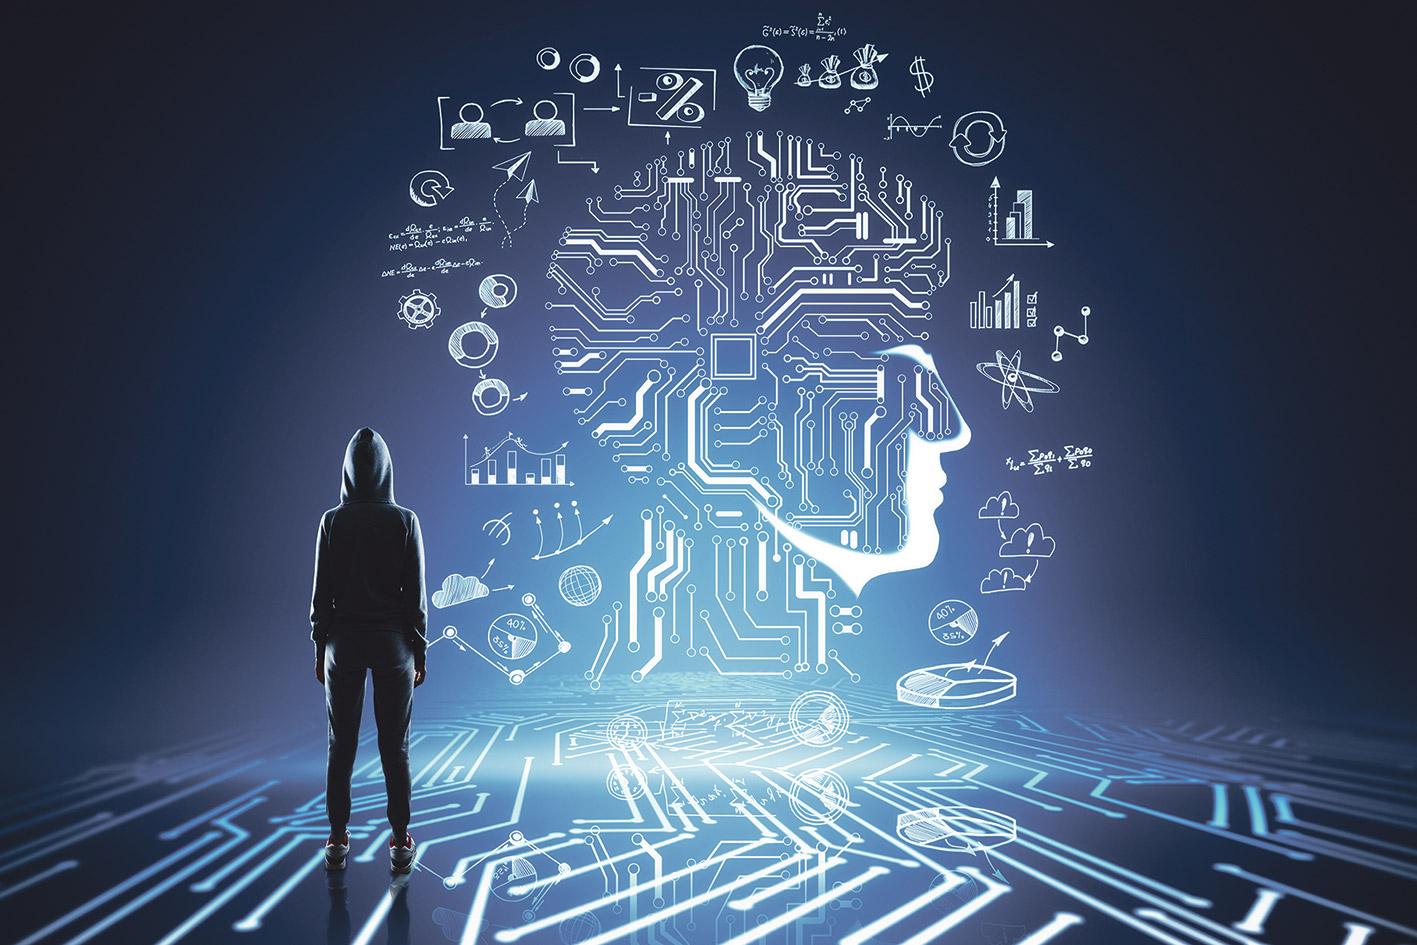 Vermummte Person steht vor einem Gesicht, das aus Datenmengen besteht (symbolisch für persönliche Daten).